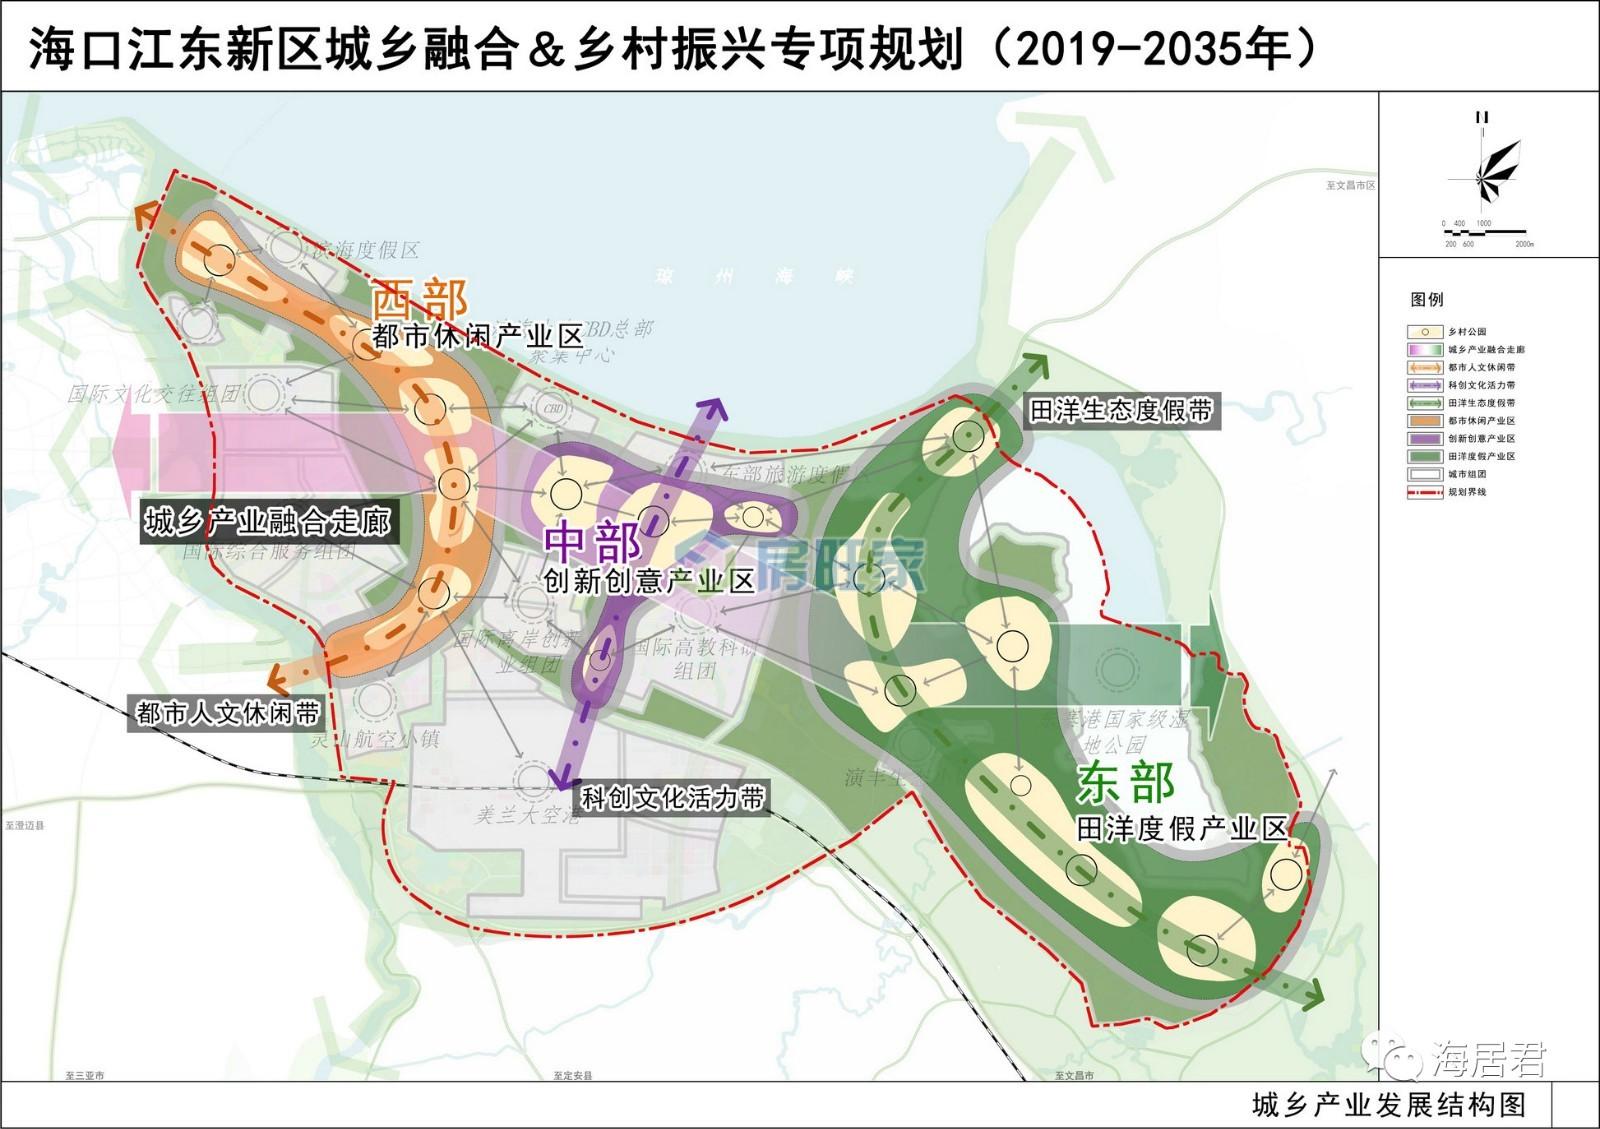 海口江东新区城乡融合&乡村振兴专项规划城乡产业发展结构图